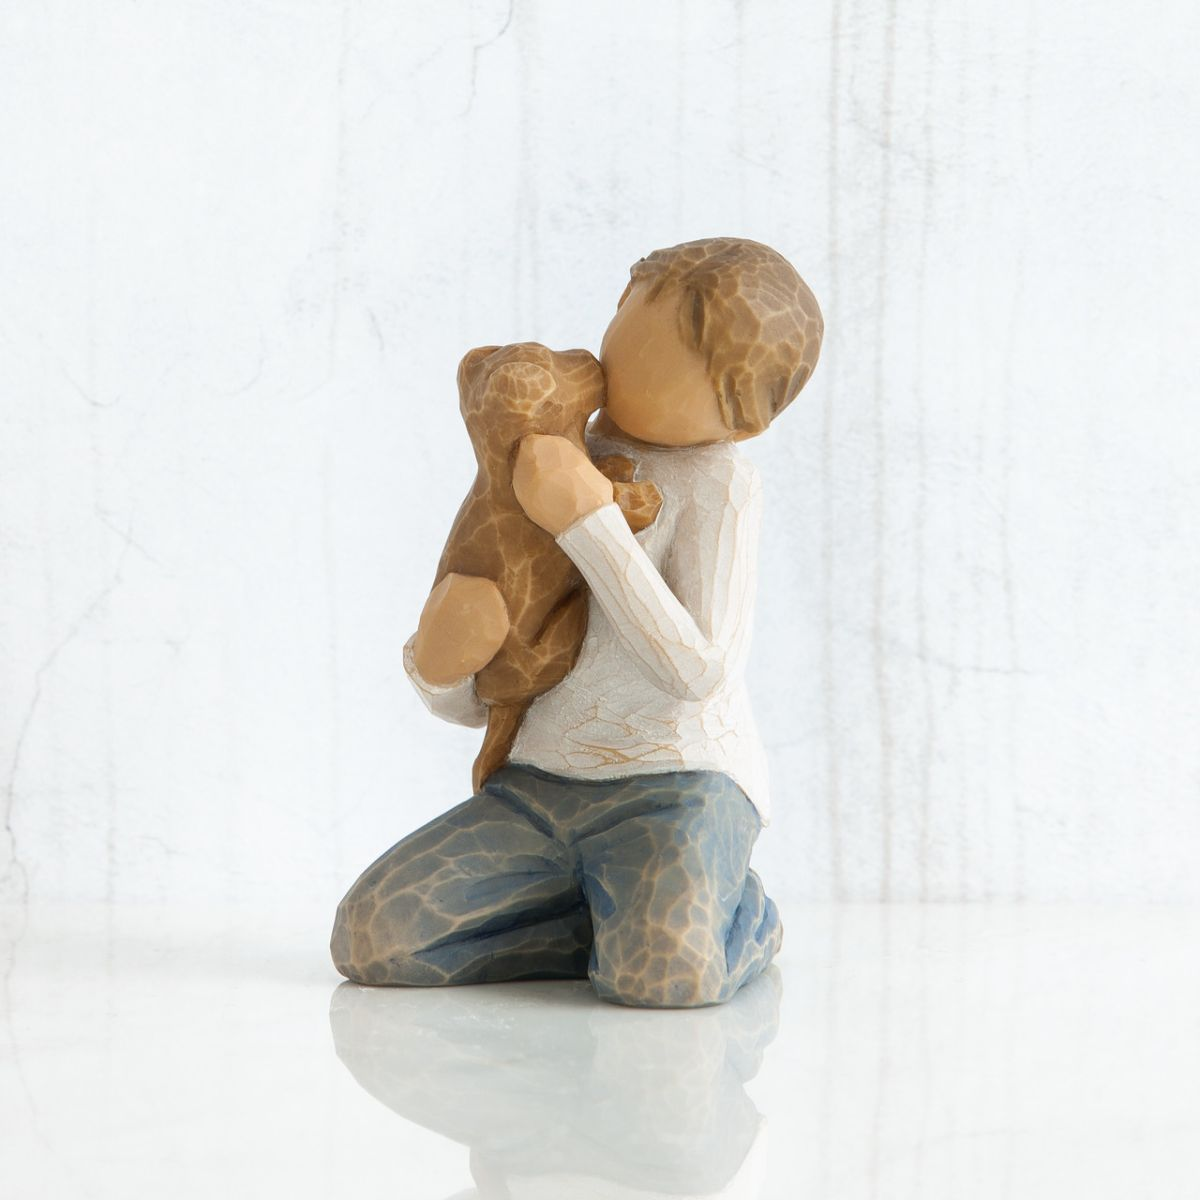 ウィローツリー彫像 【Kindness (Boy)】 - 優しさ